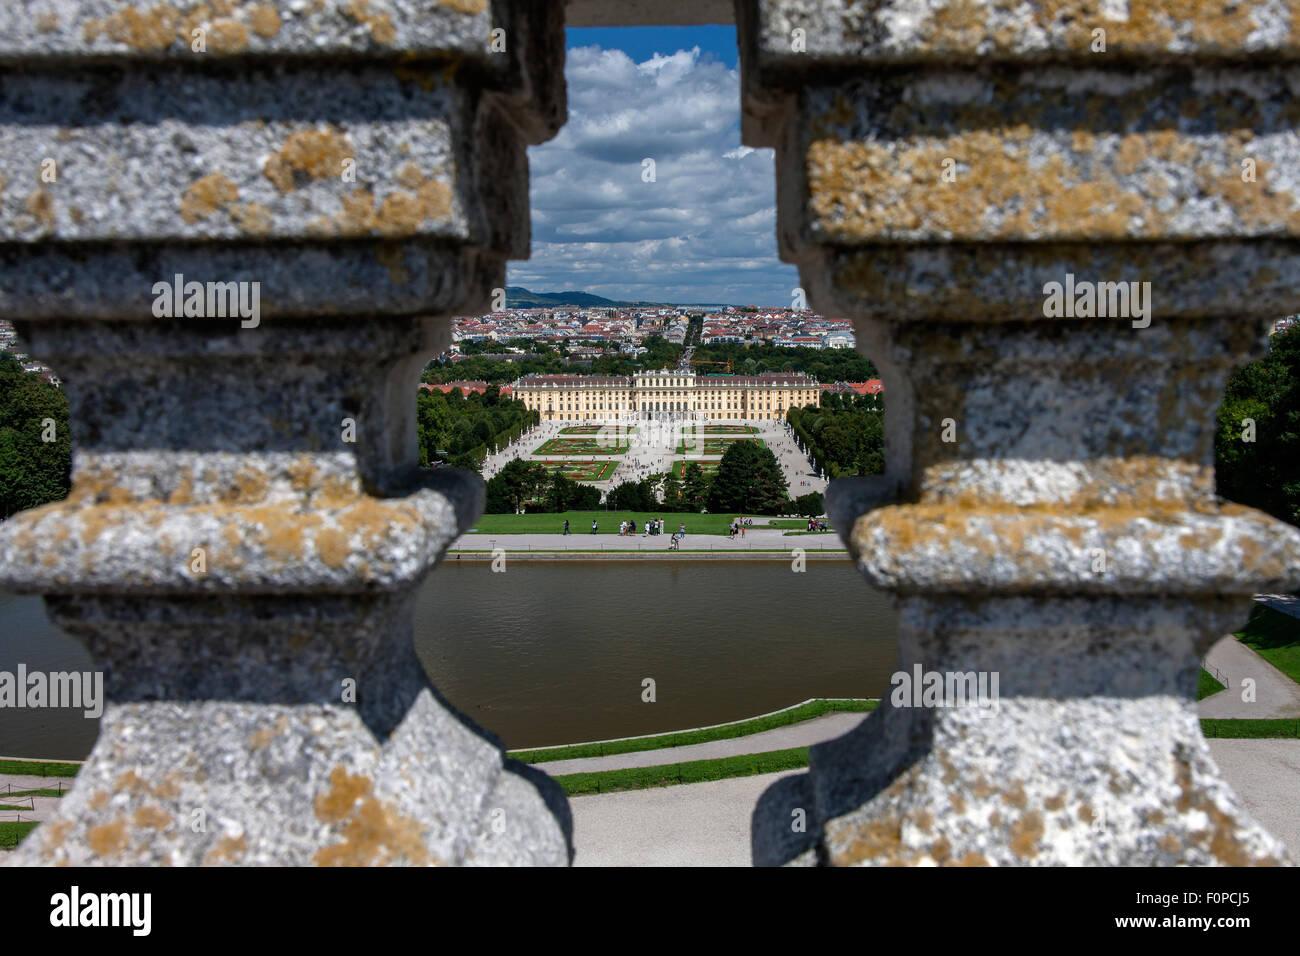 Gloriette edificio en los jardines del palacio Schloss Schönbrunn Palace, Sitio del Patrimonio Mundial de la UNESCO, celebrada en Viena, Austria, Europa Foto de stock